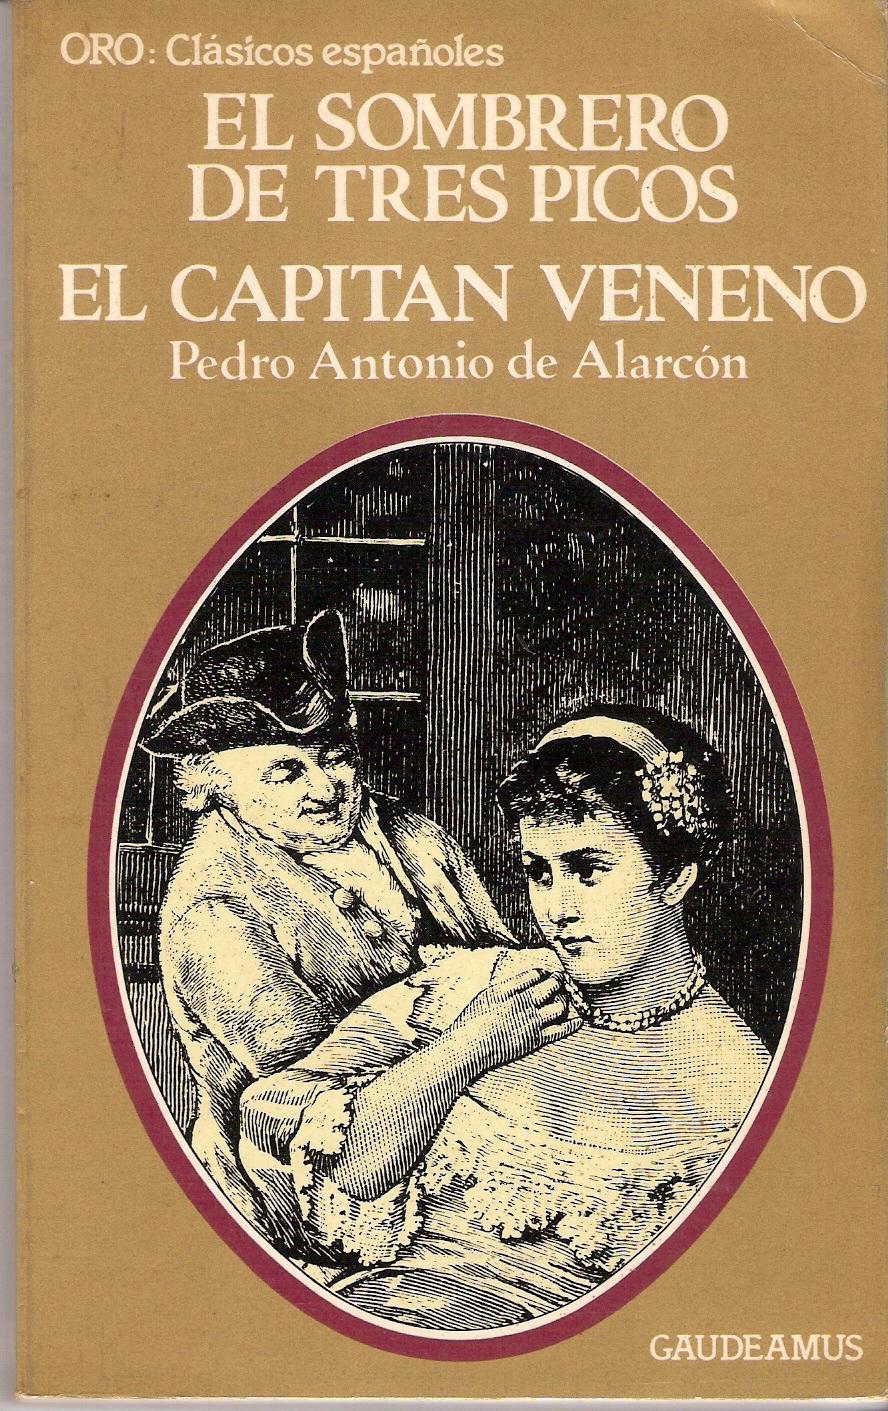 El sombrero de tres picos - El capitán veneno